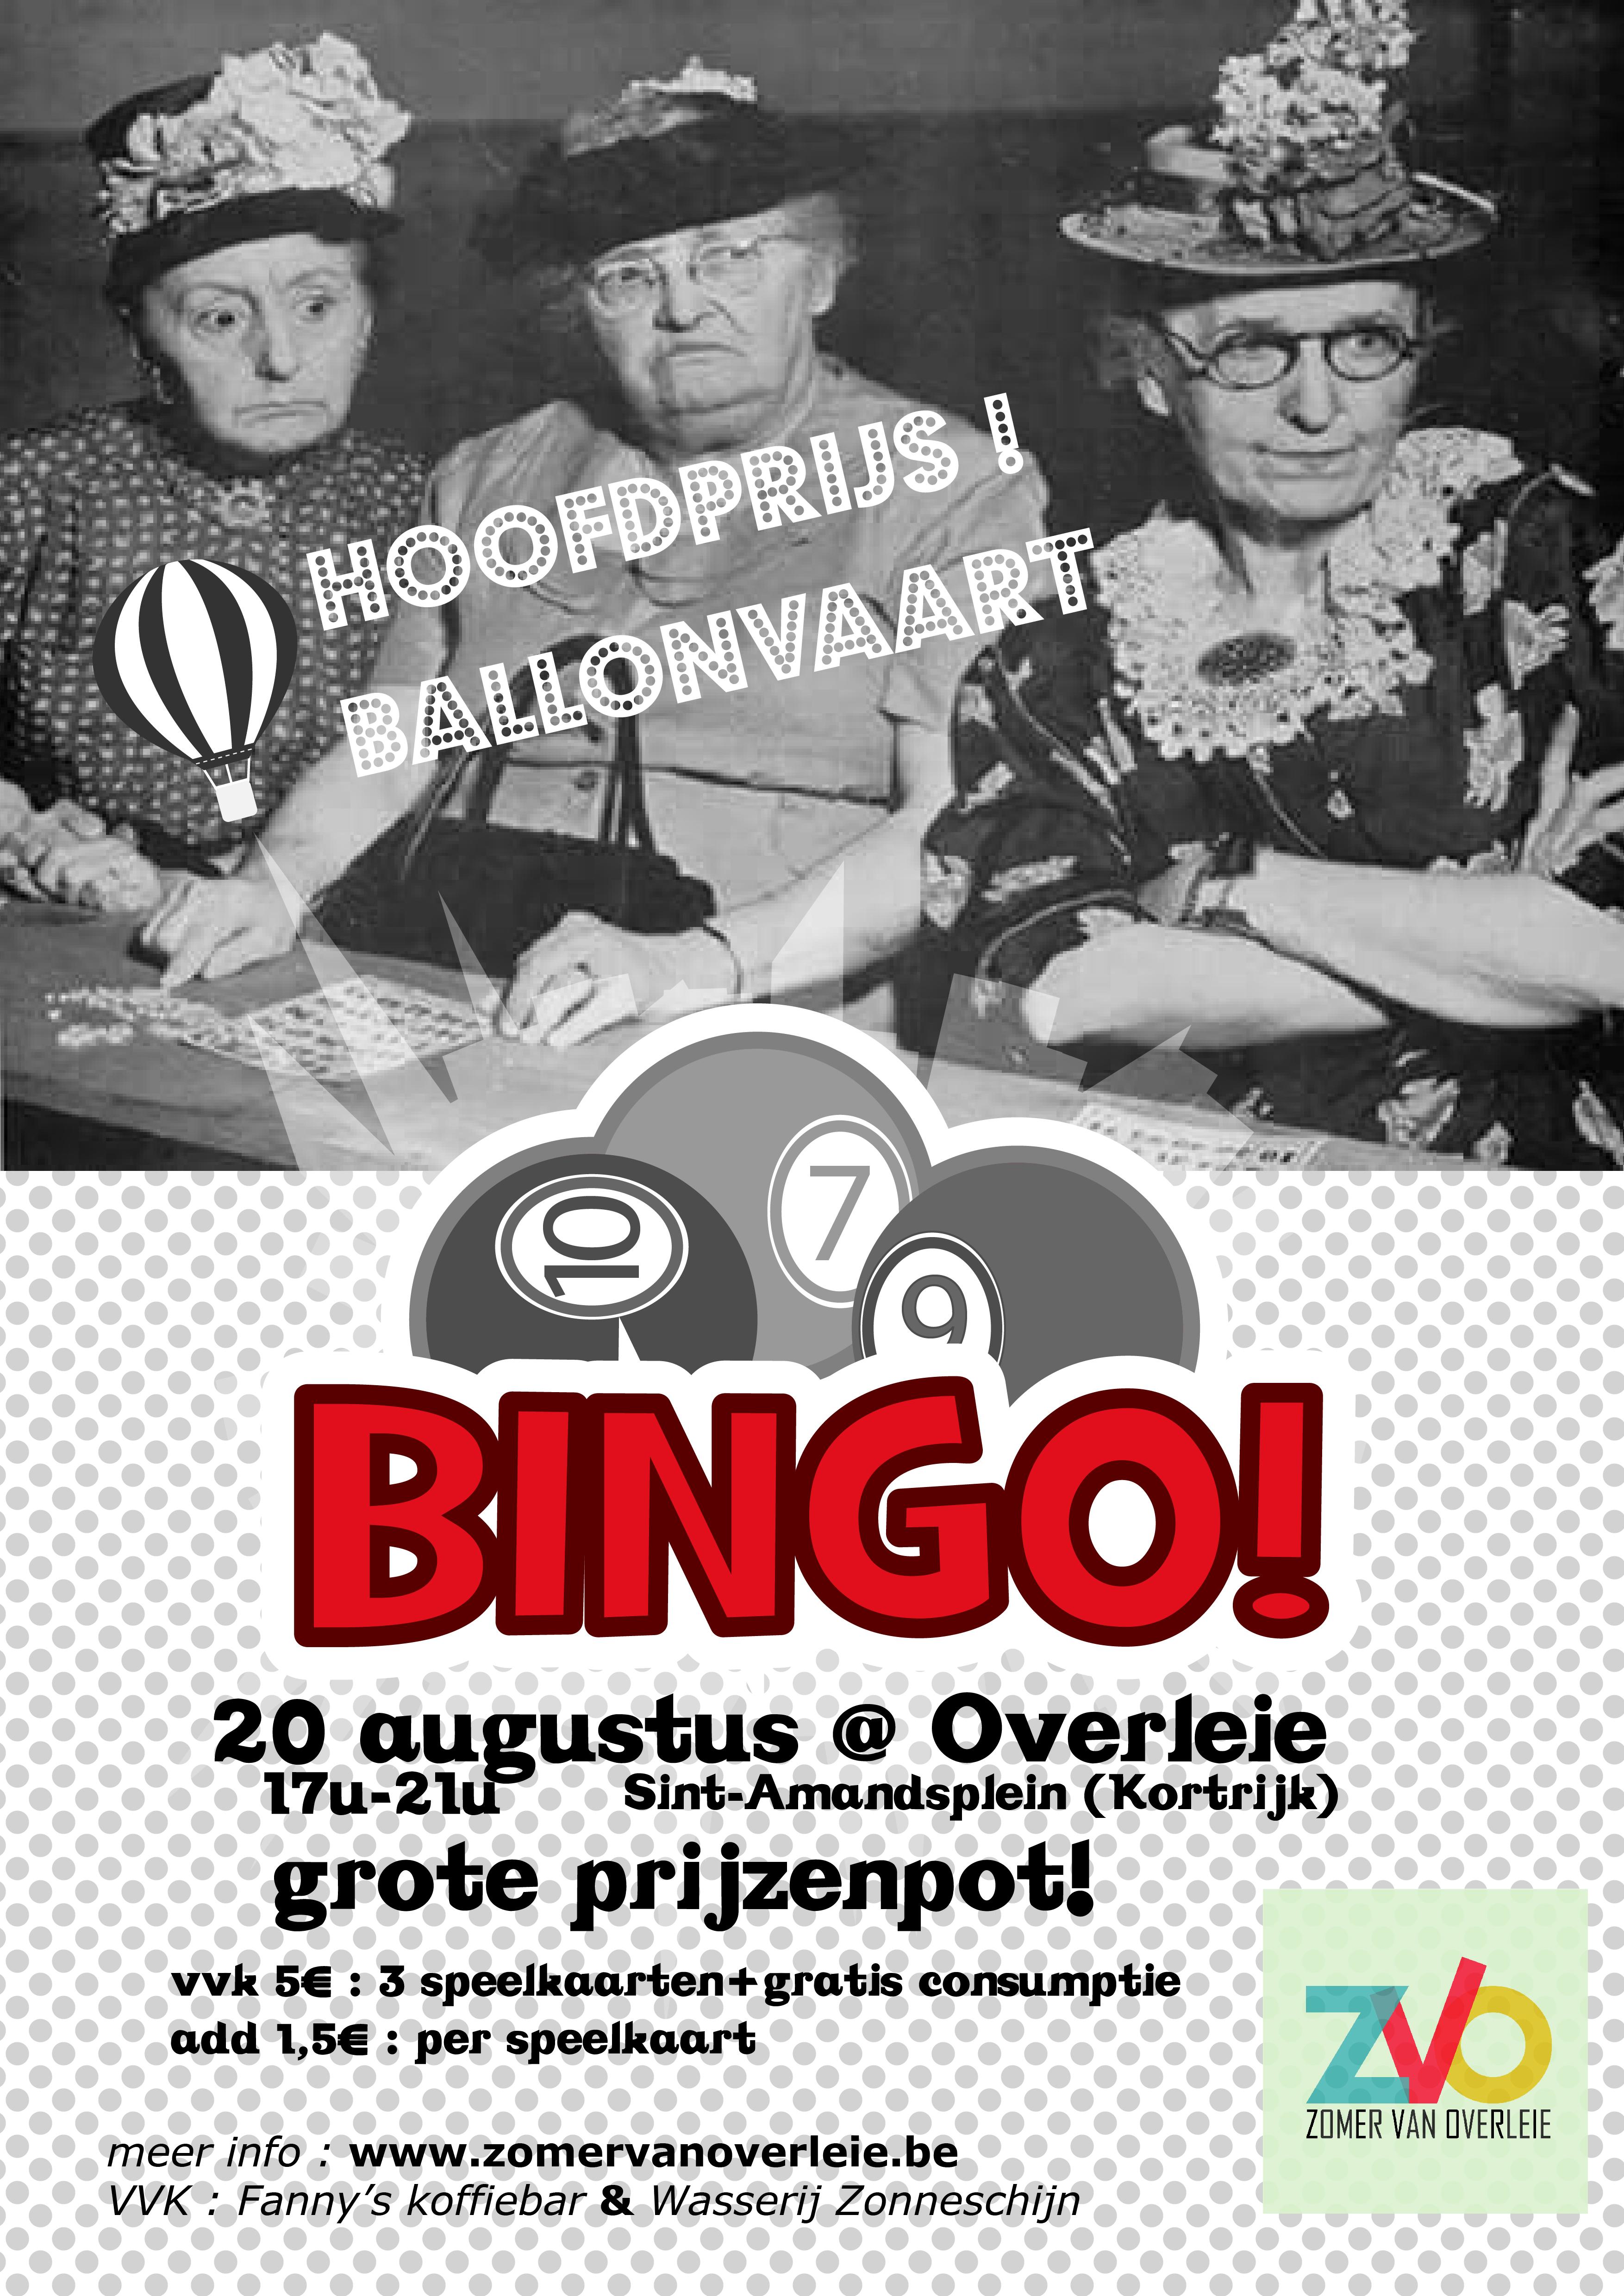 BINGO affiche